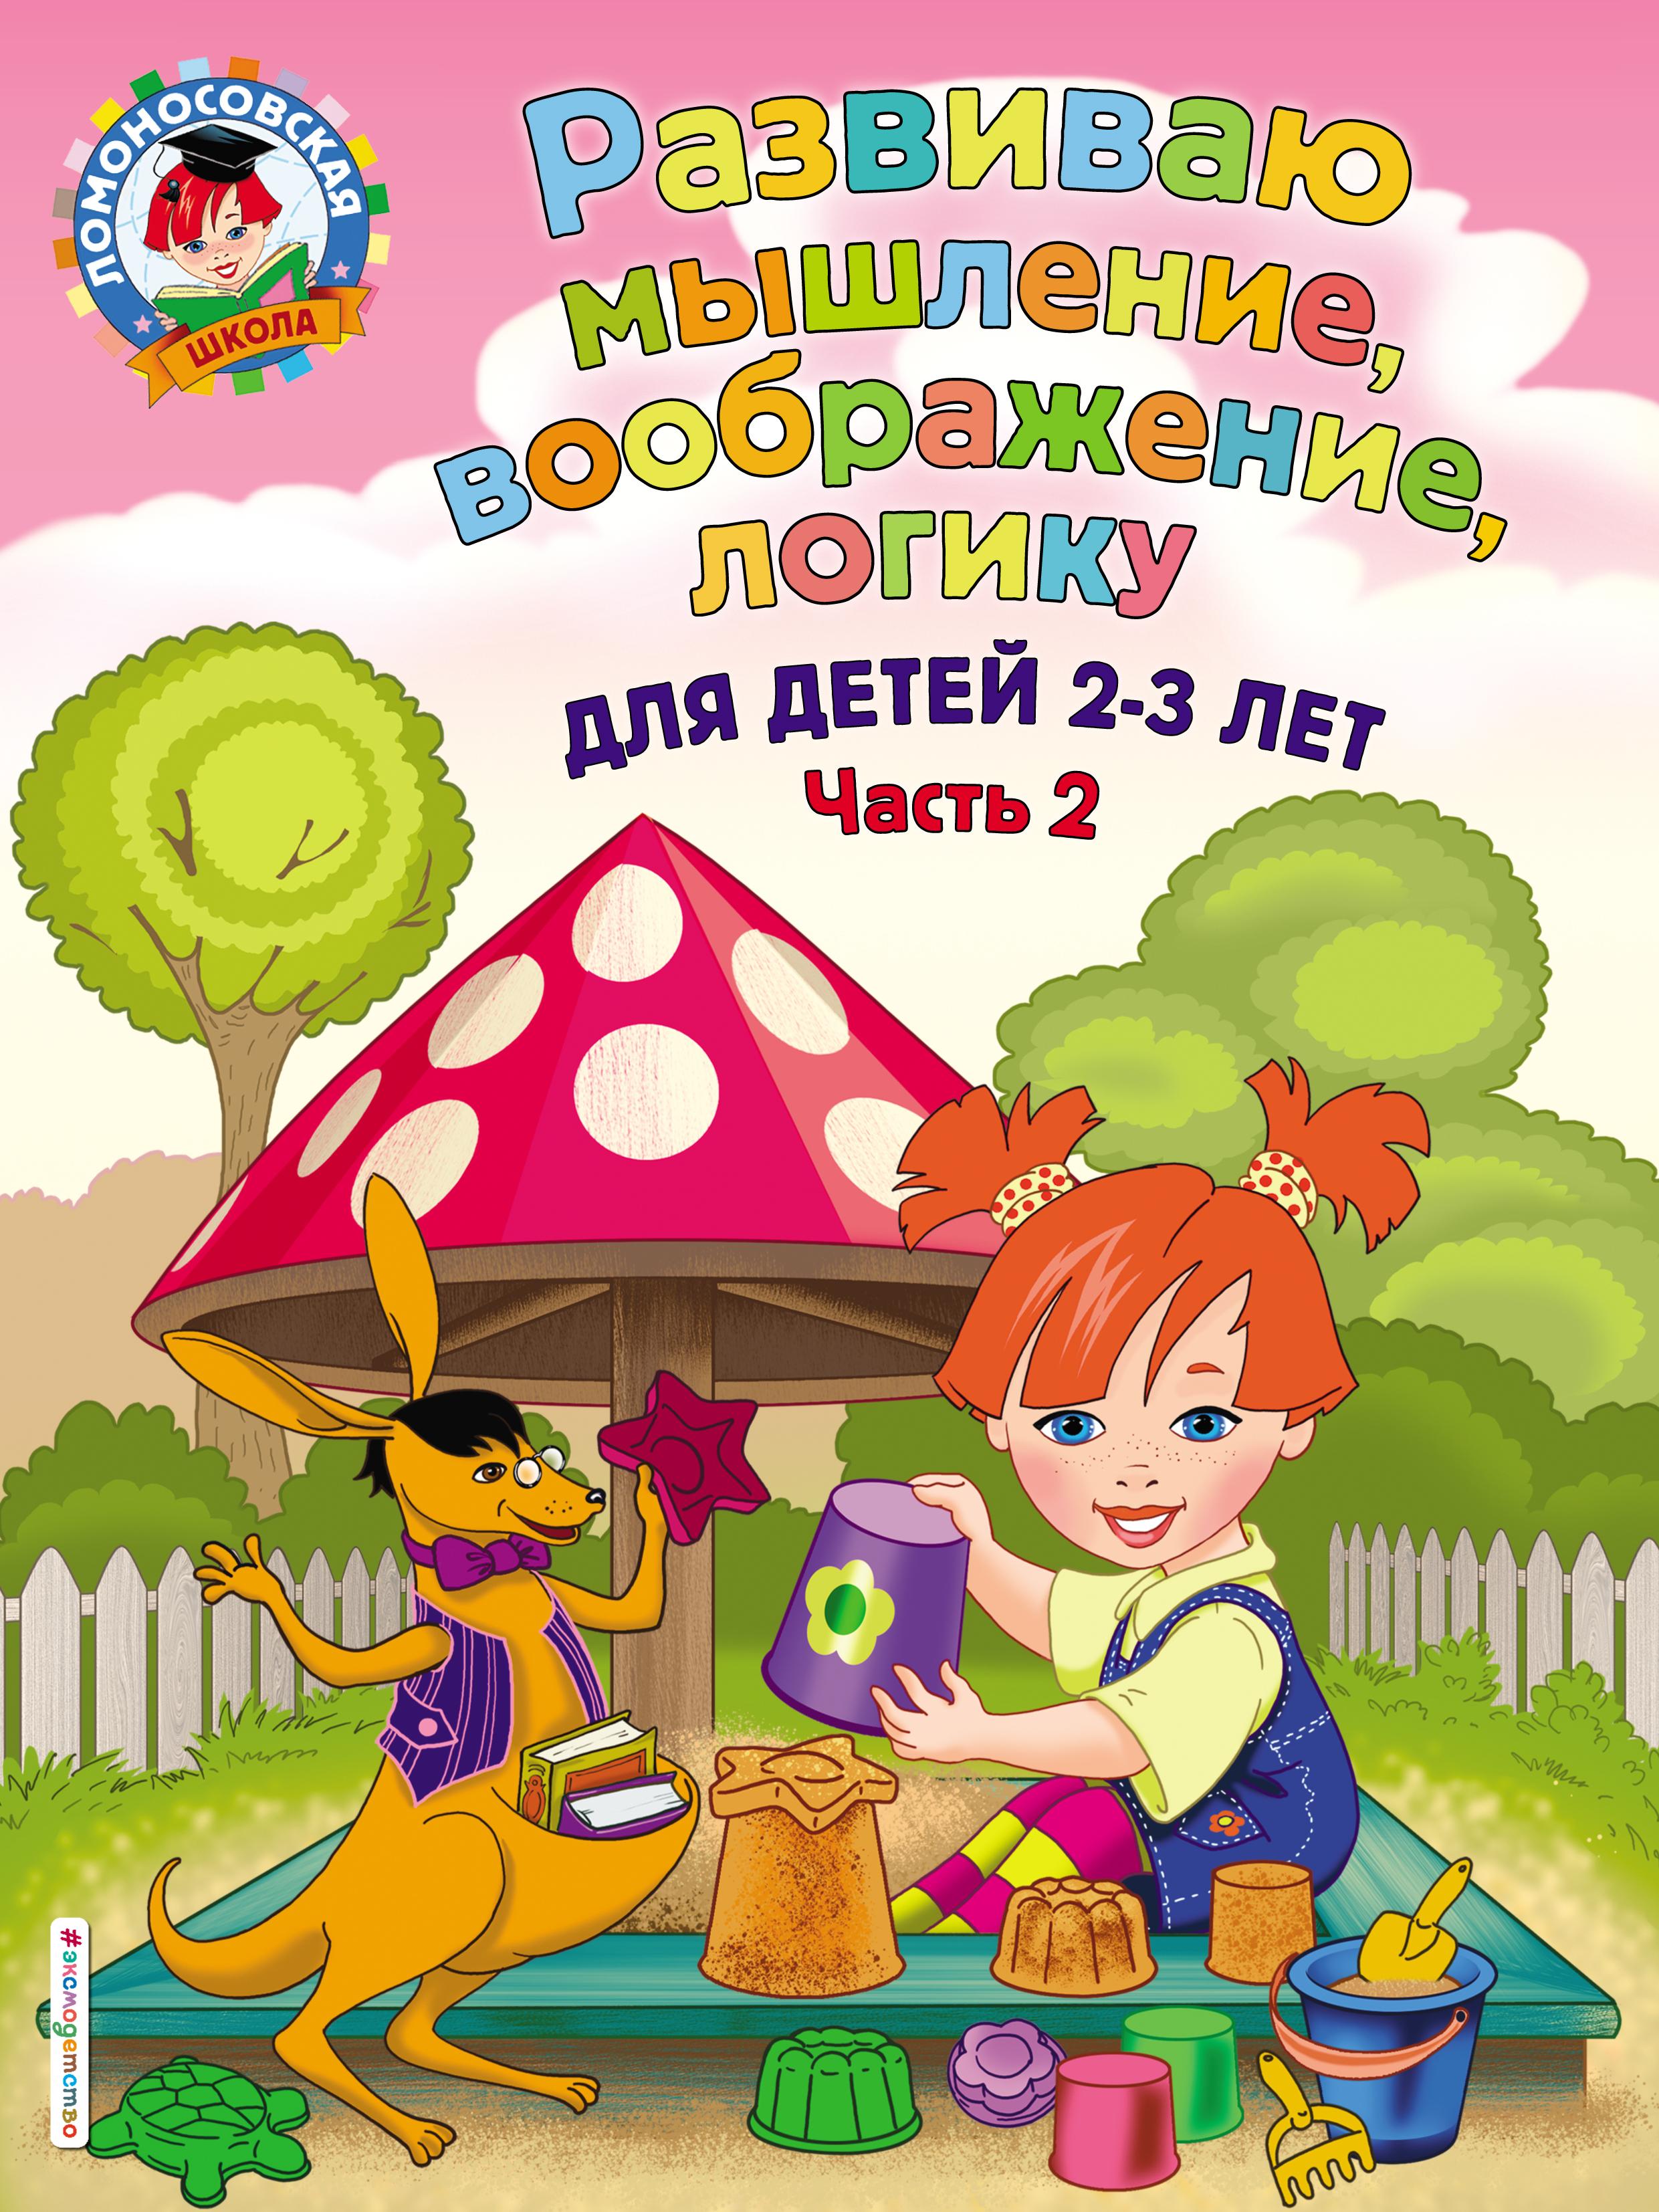 С. М. Шкляревская Развиваю мышление, воображение, логику. Для детей 2-3 лет. Часть 2